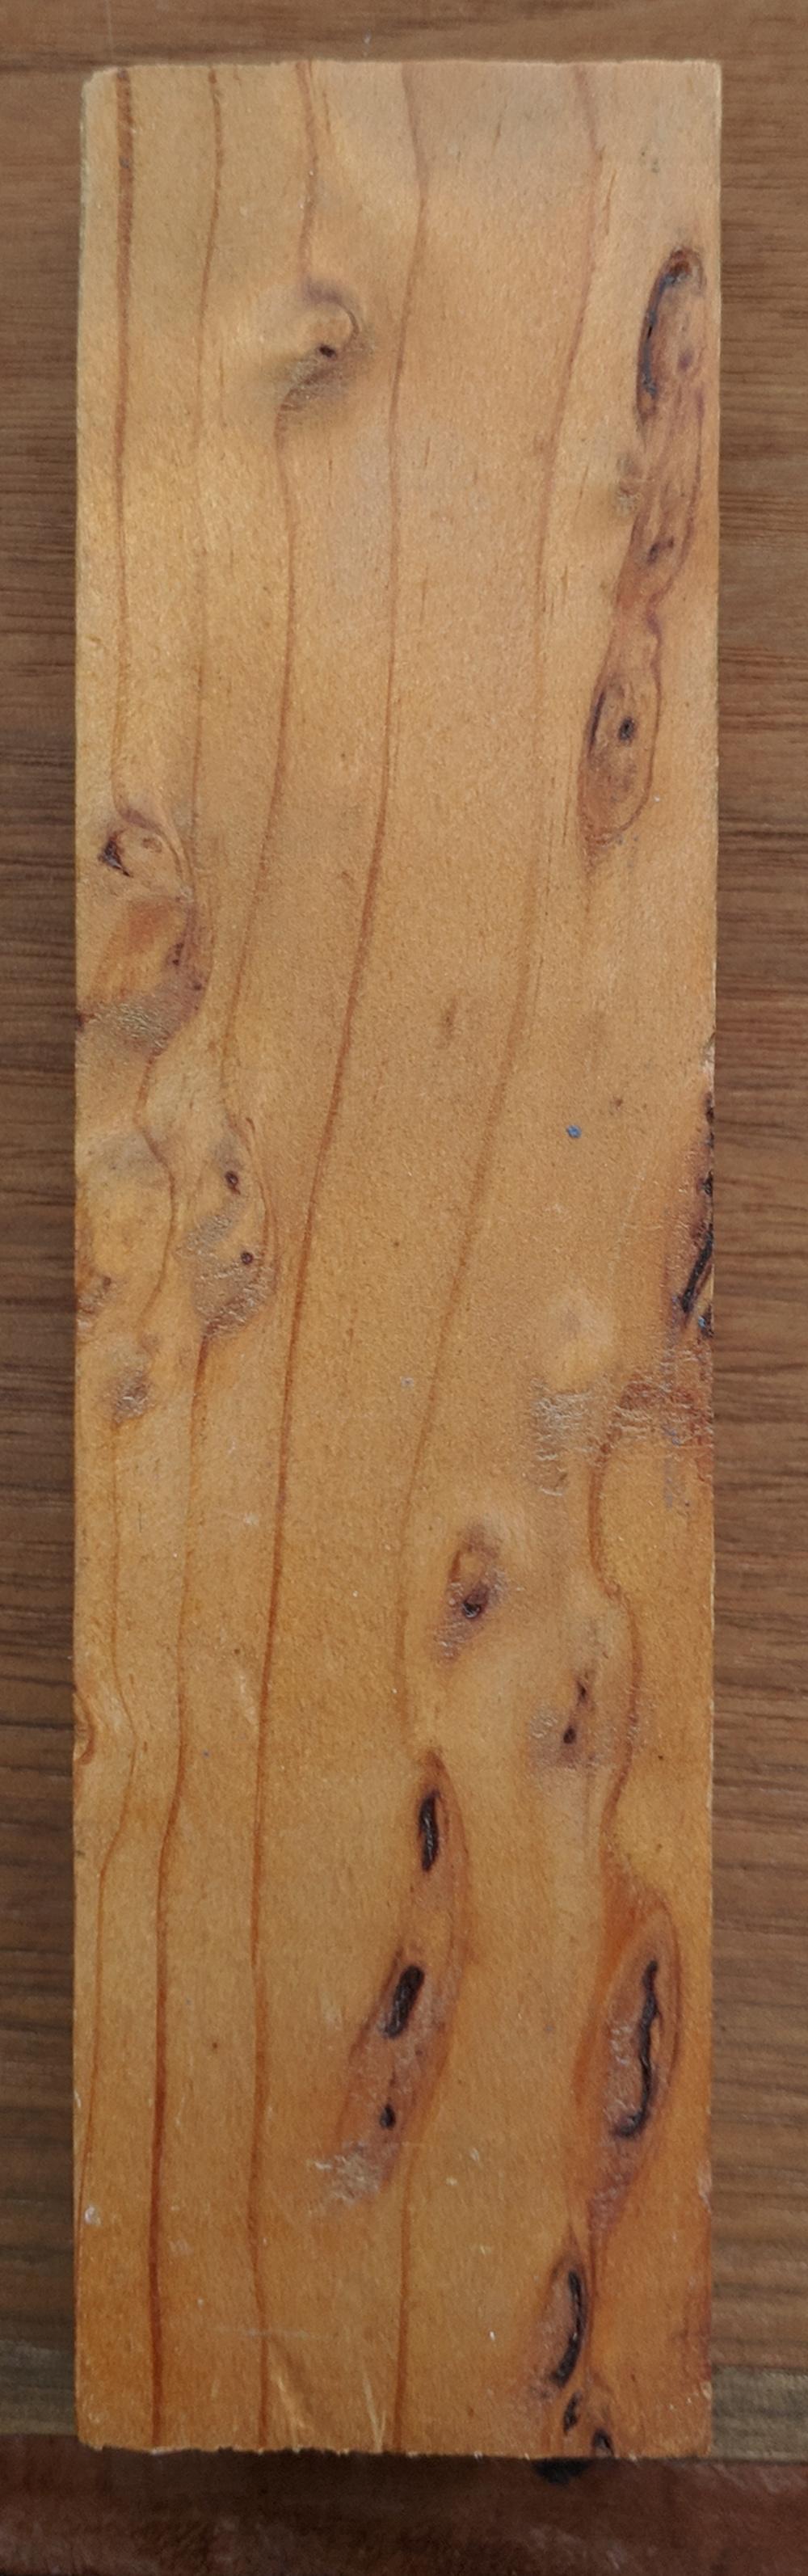 Original block of wood